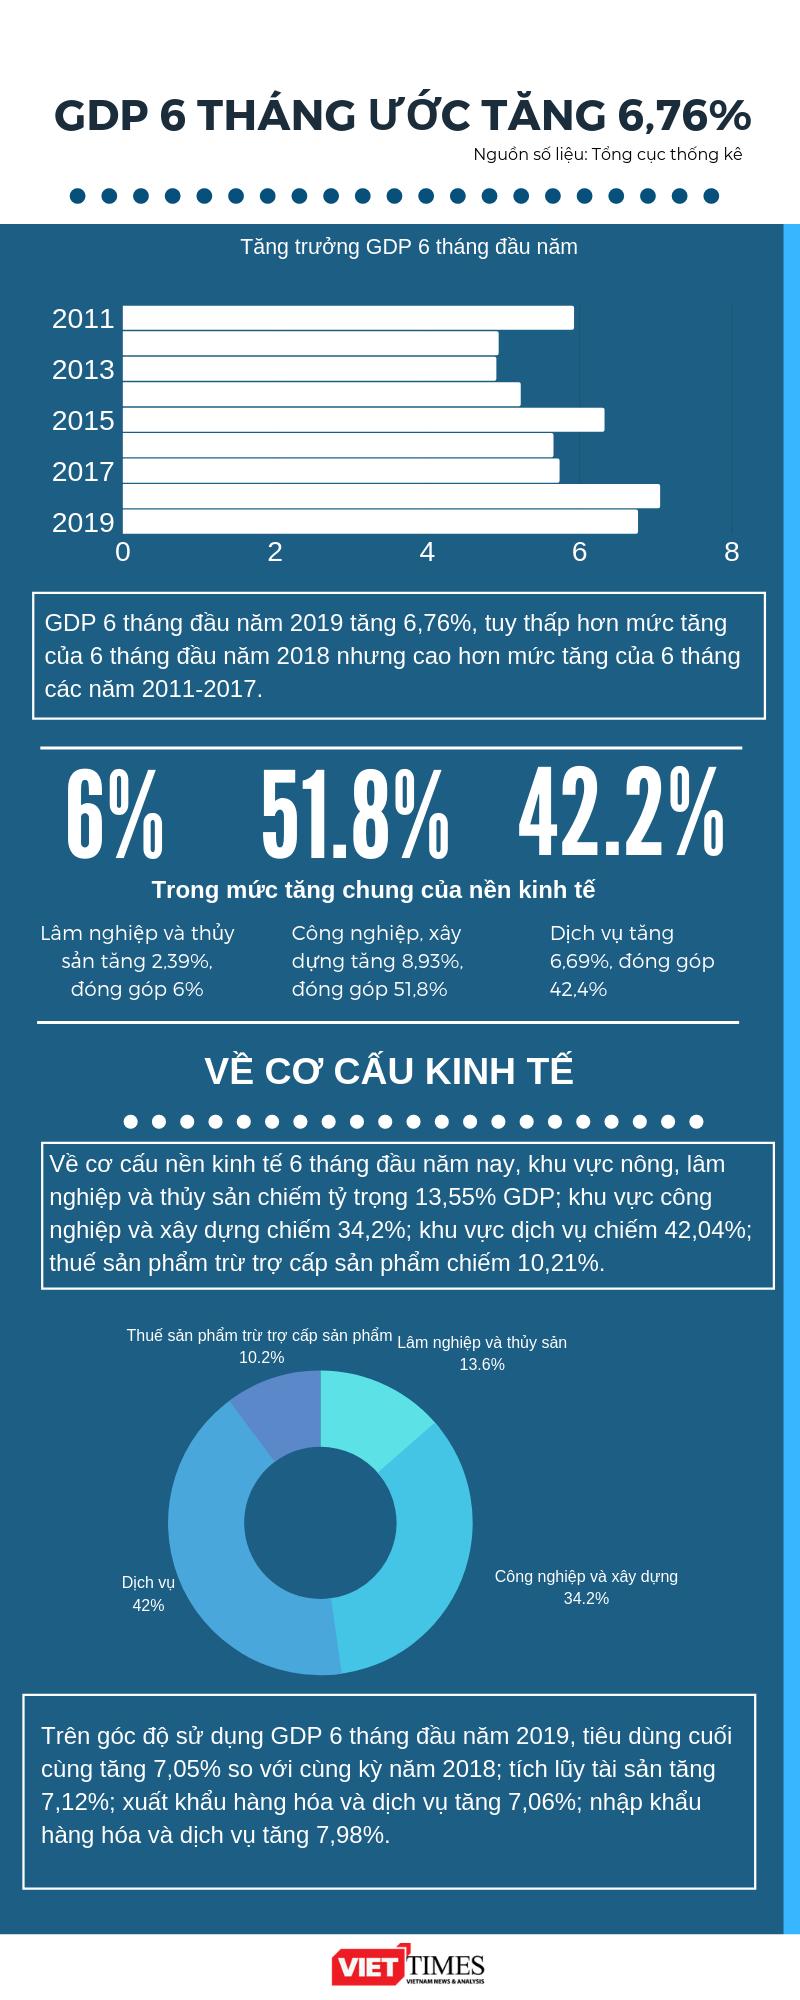 Infographic: GDP 6 tháng ước tăng 6,76% ảnh 1